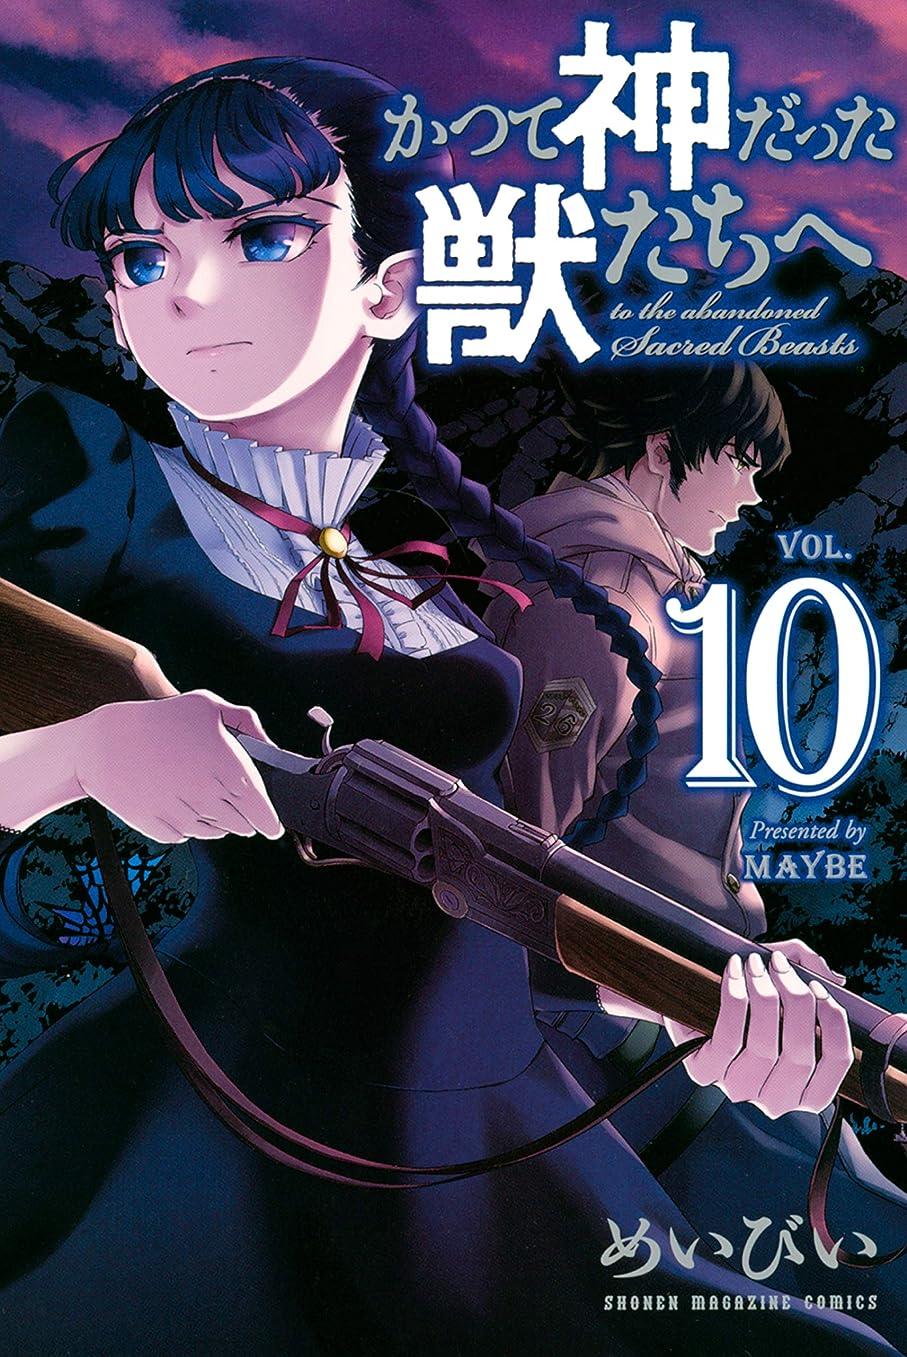 弓アクセル歌詞かつて神だった獣たちへ(10) (週刊少年マガジンコミックス)